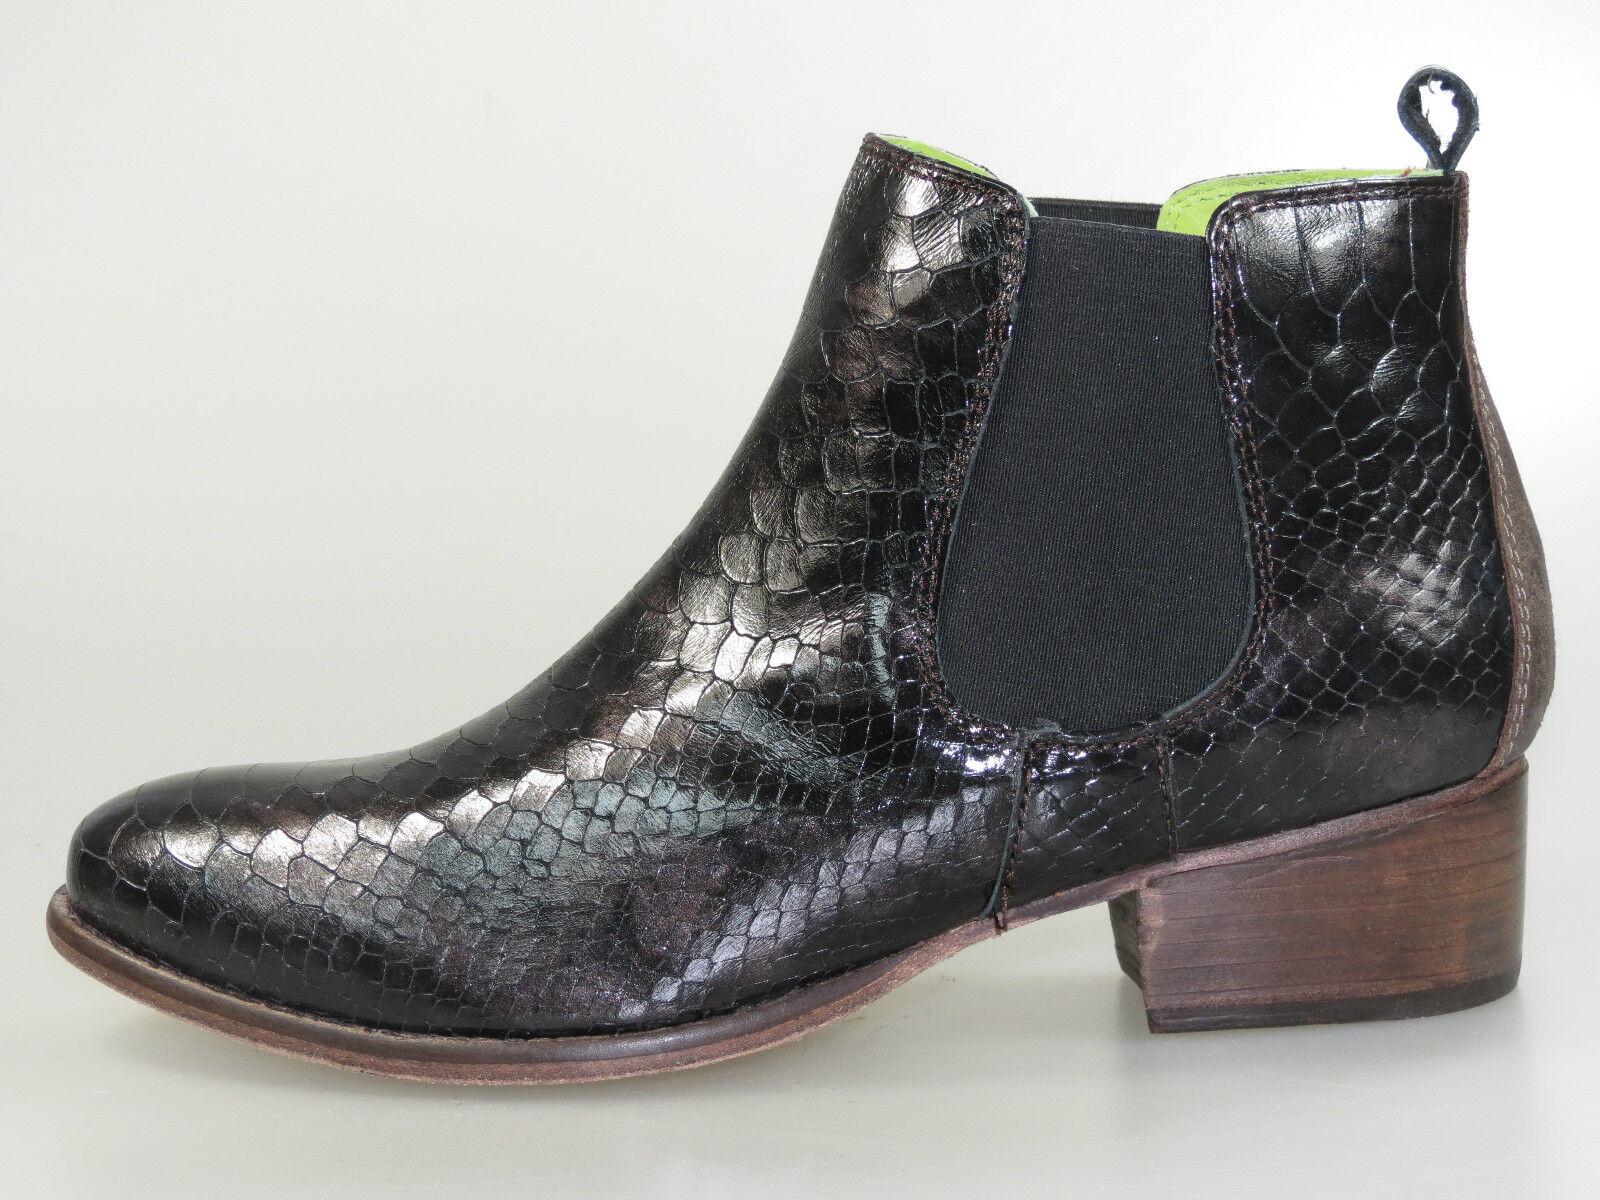 en linea Maruti botas Fiave mujer 66.1042.02.k47 gris cuero + nuevo + + + tamaño 38 & 40 & 41  Ahorre 60% de descuento y envío rápido a todo el mundo.